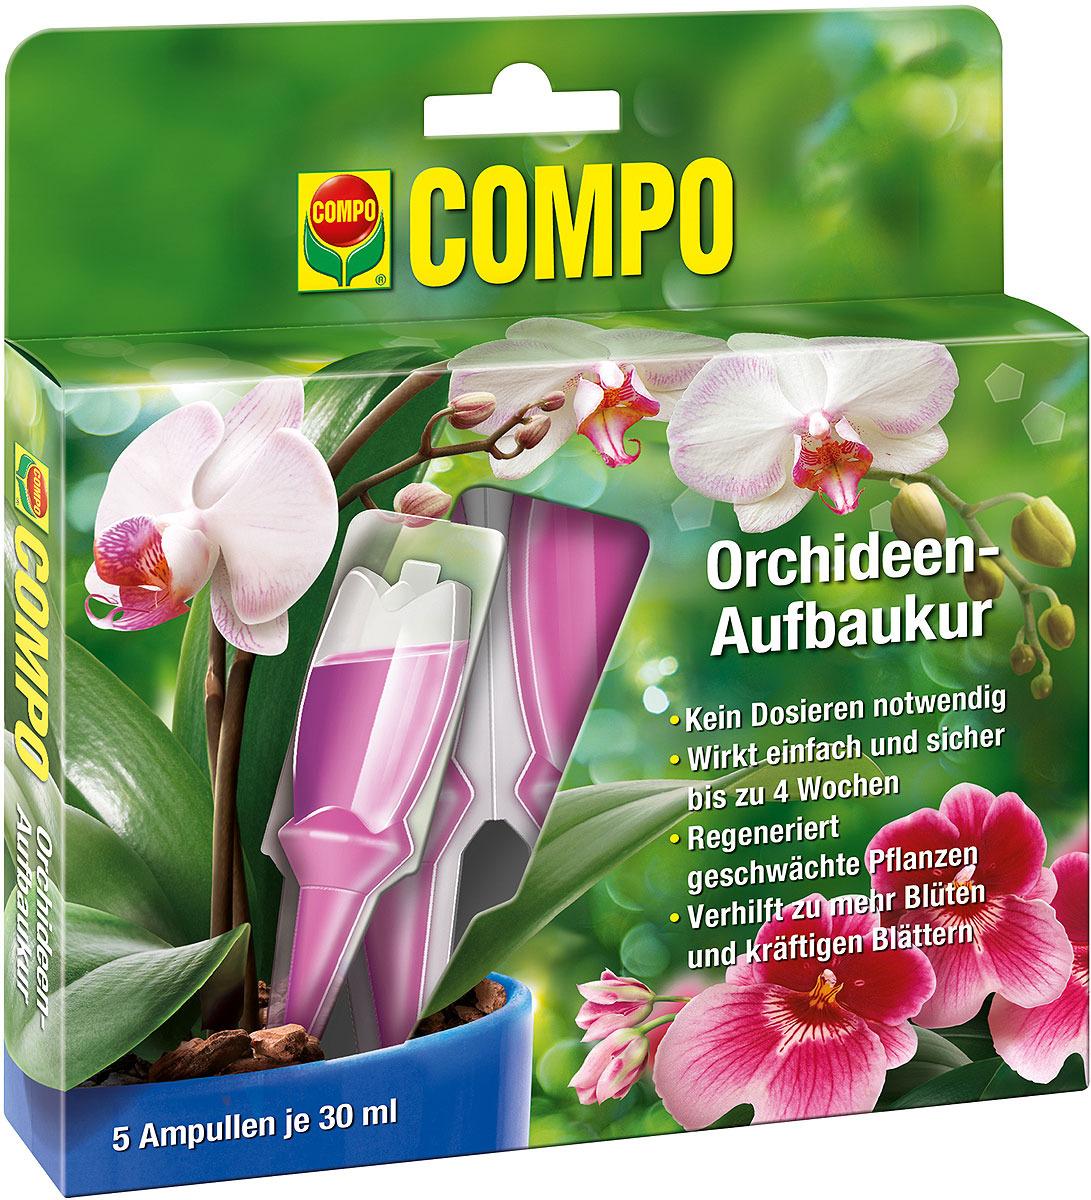 Удобрение для орхидей Compo, в аппликаторе, 5 х 30 мл удобрение жк для орхидей 285 мл